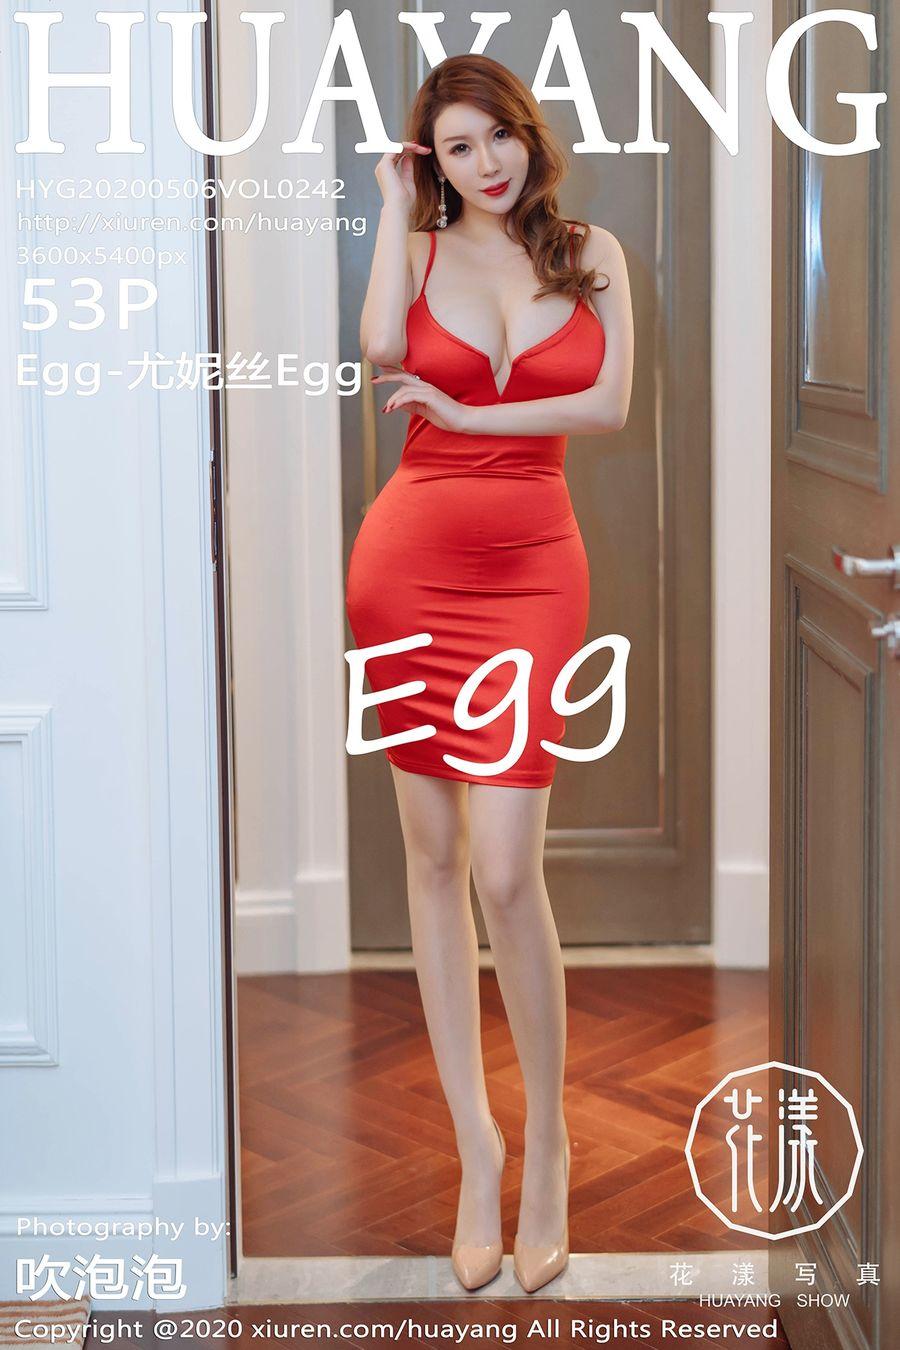 [HuaYang花漾] VOL.242 Egg-尤妮丝Egg [53+1P/109M]